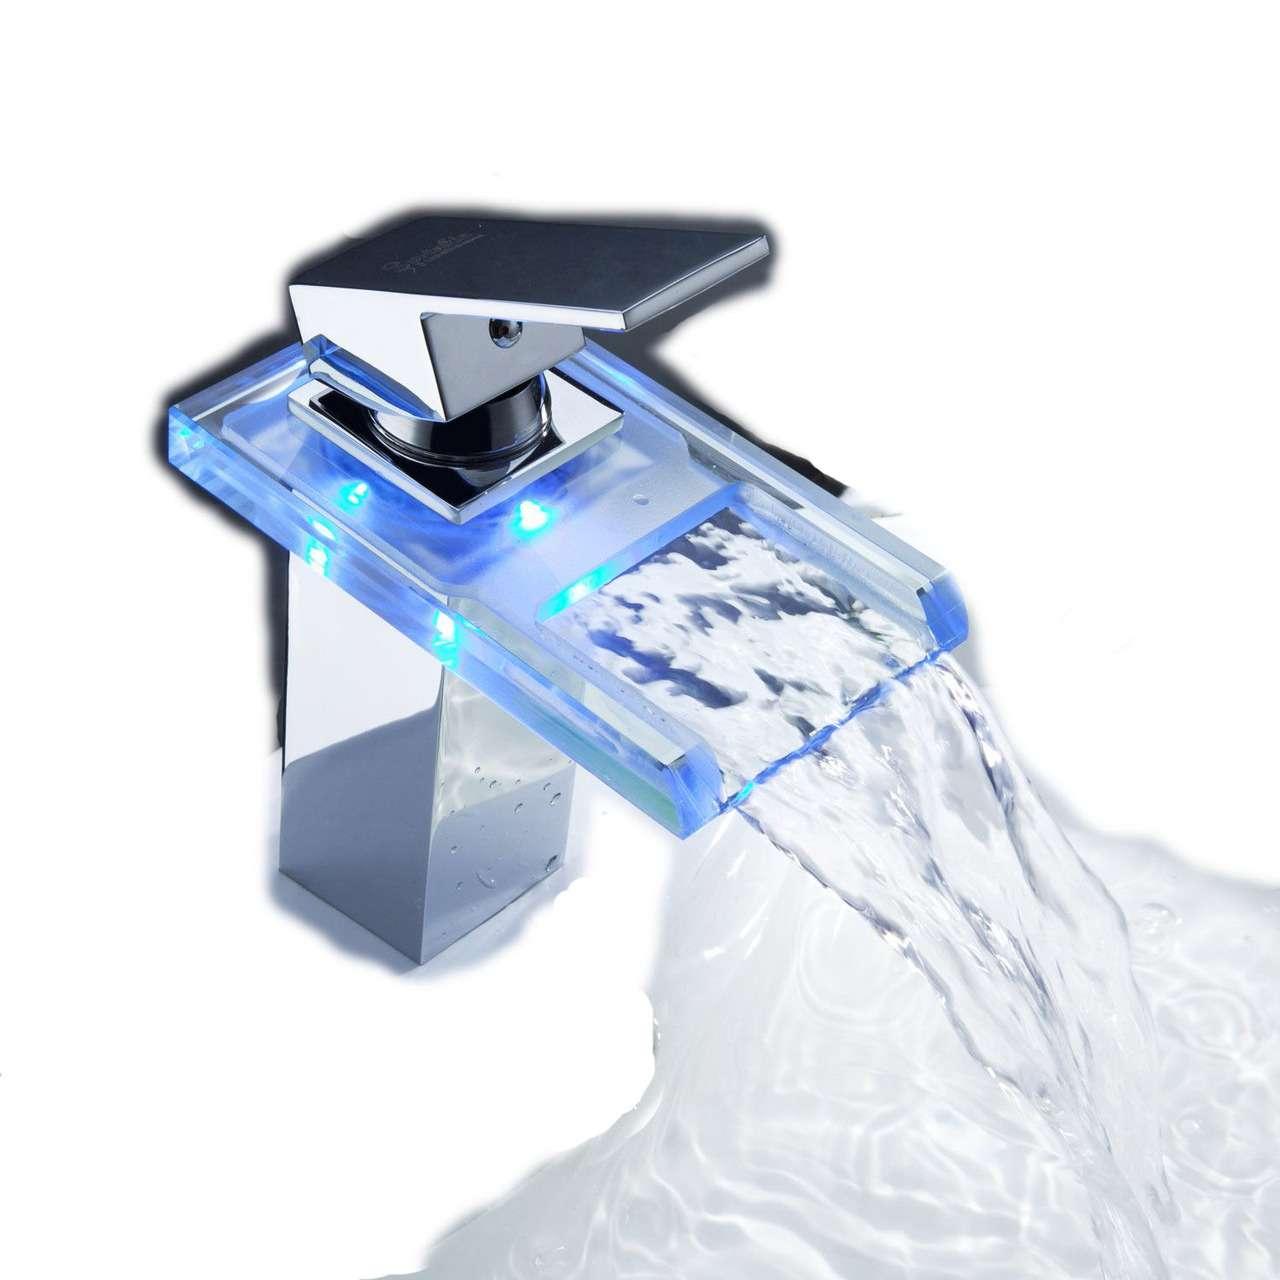 Griferia Para Baño En Mercado Libre:grifo de cascada estilo contemporáneo acabado en cromo válvula de